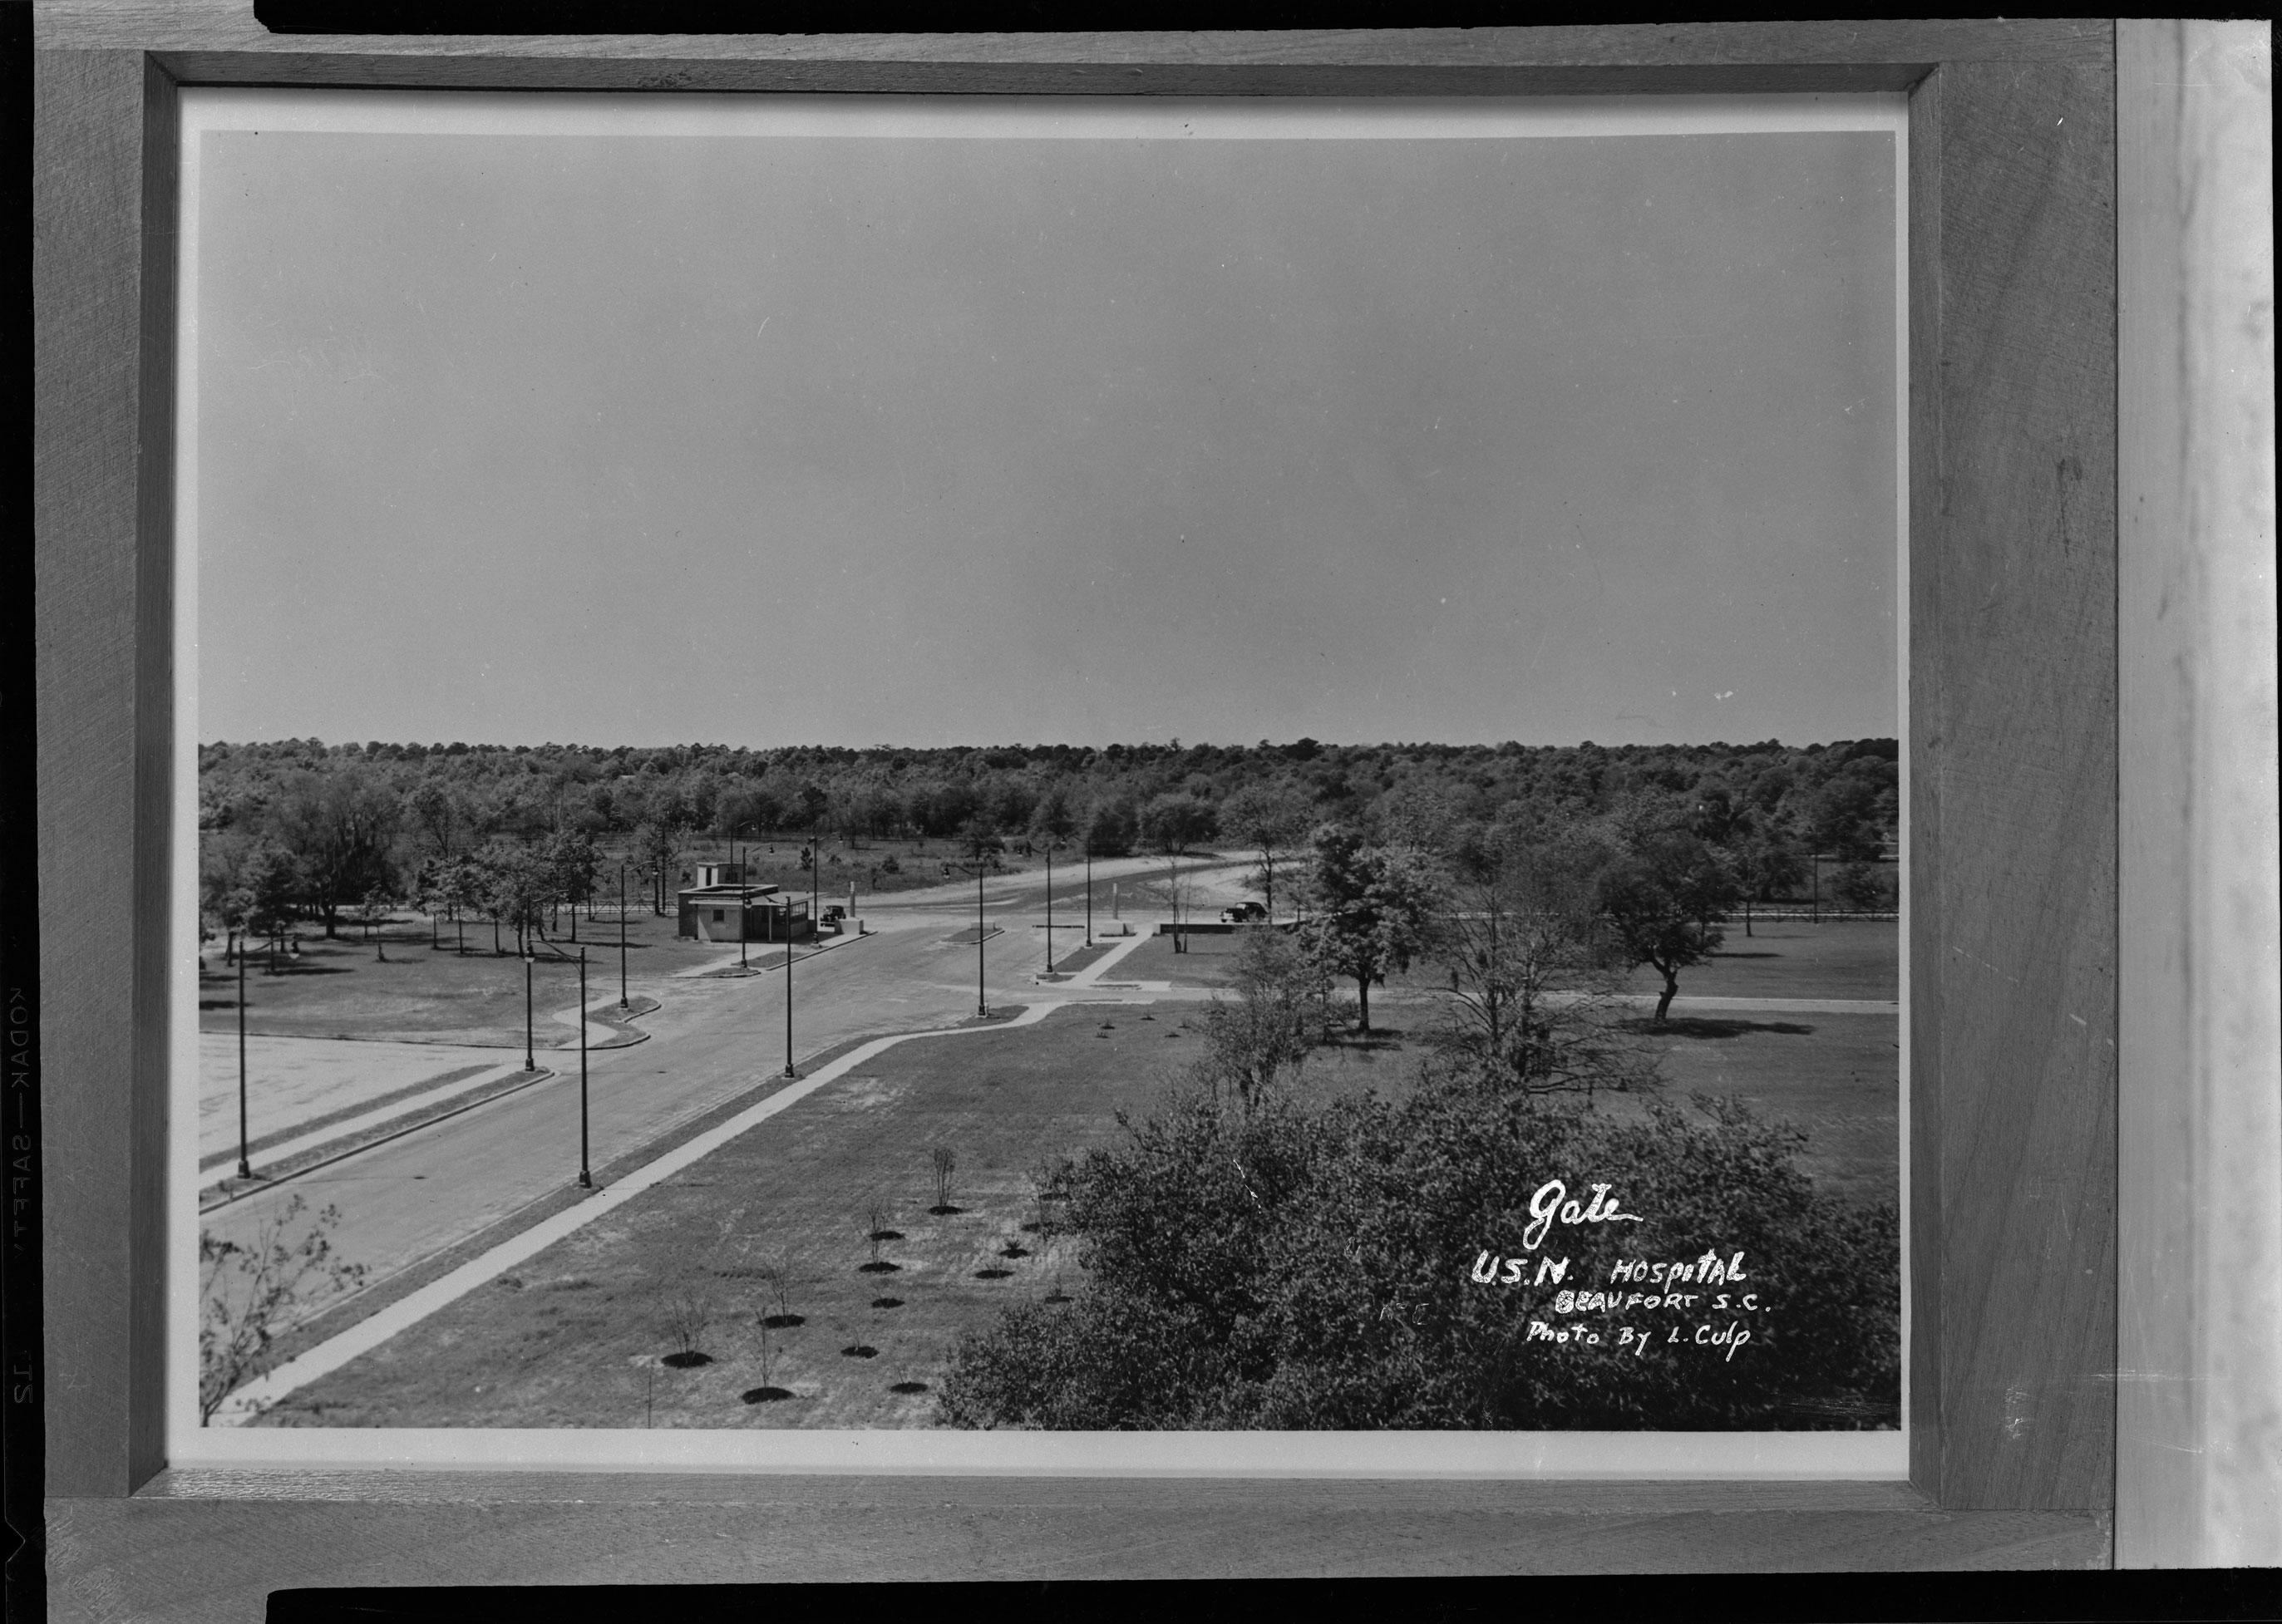 Gate, U.S.N. Hospital